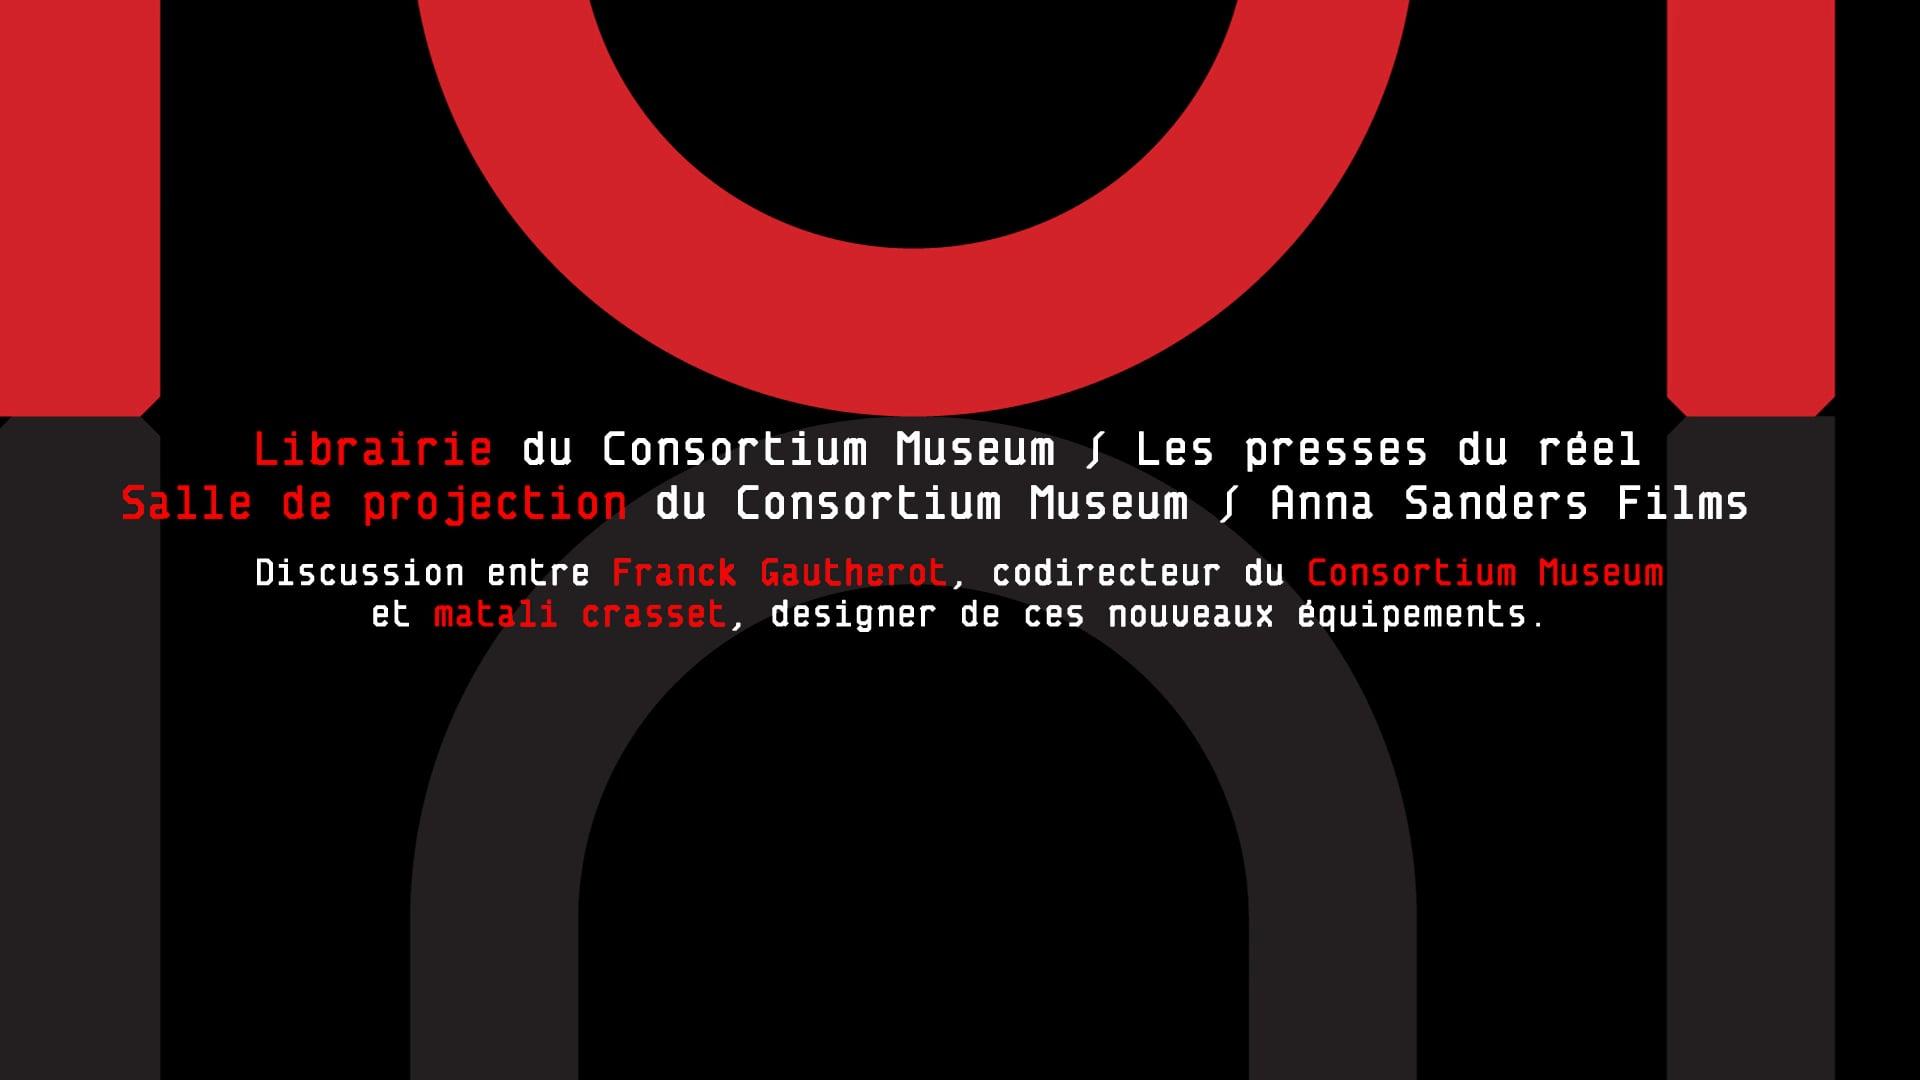 Discussion avec Matali Crasset, designer des nouveaux équipements du Consortium Museum